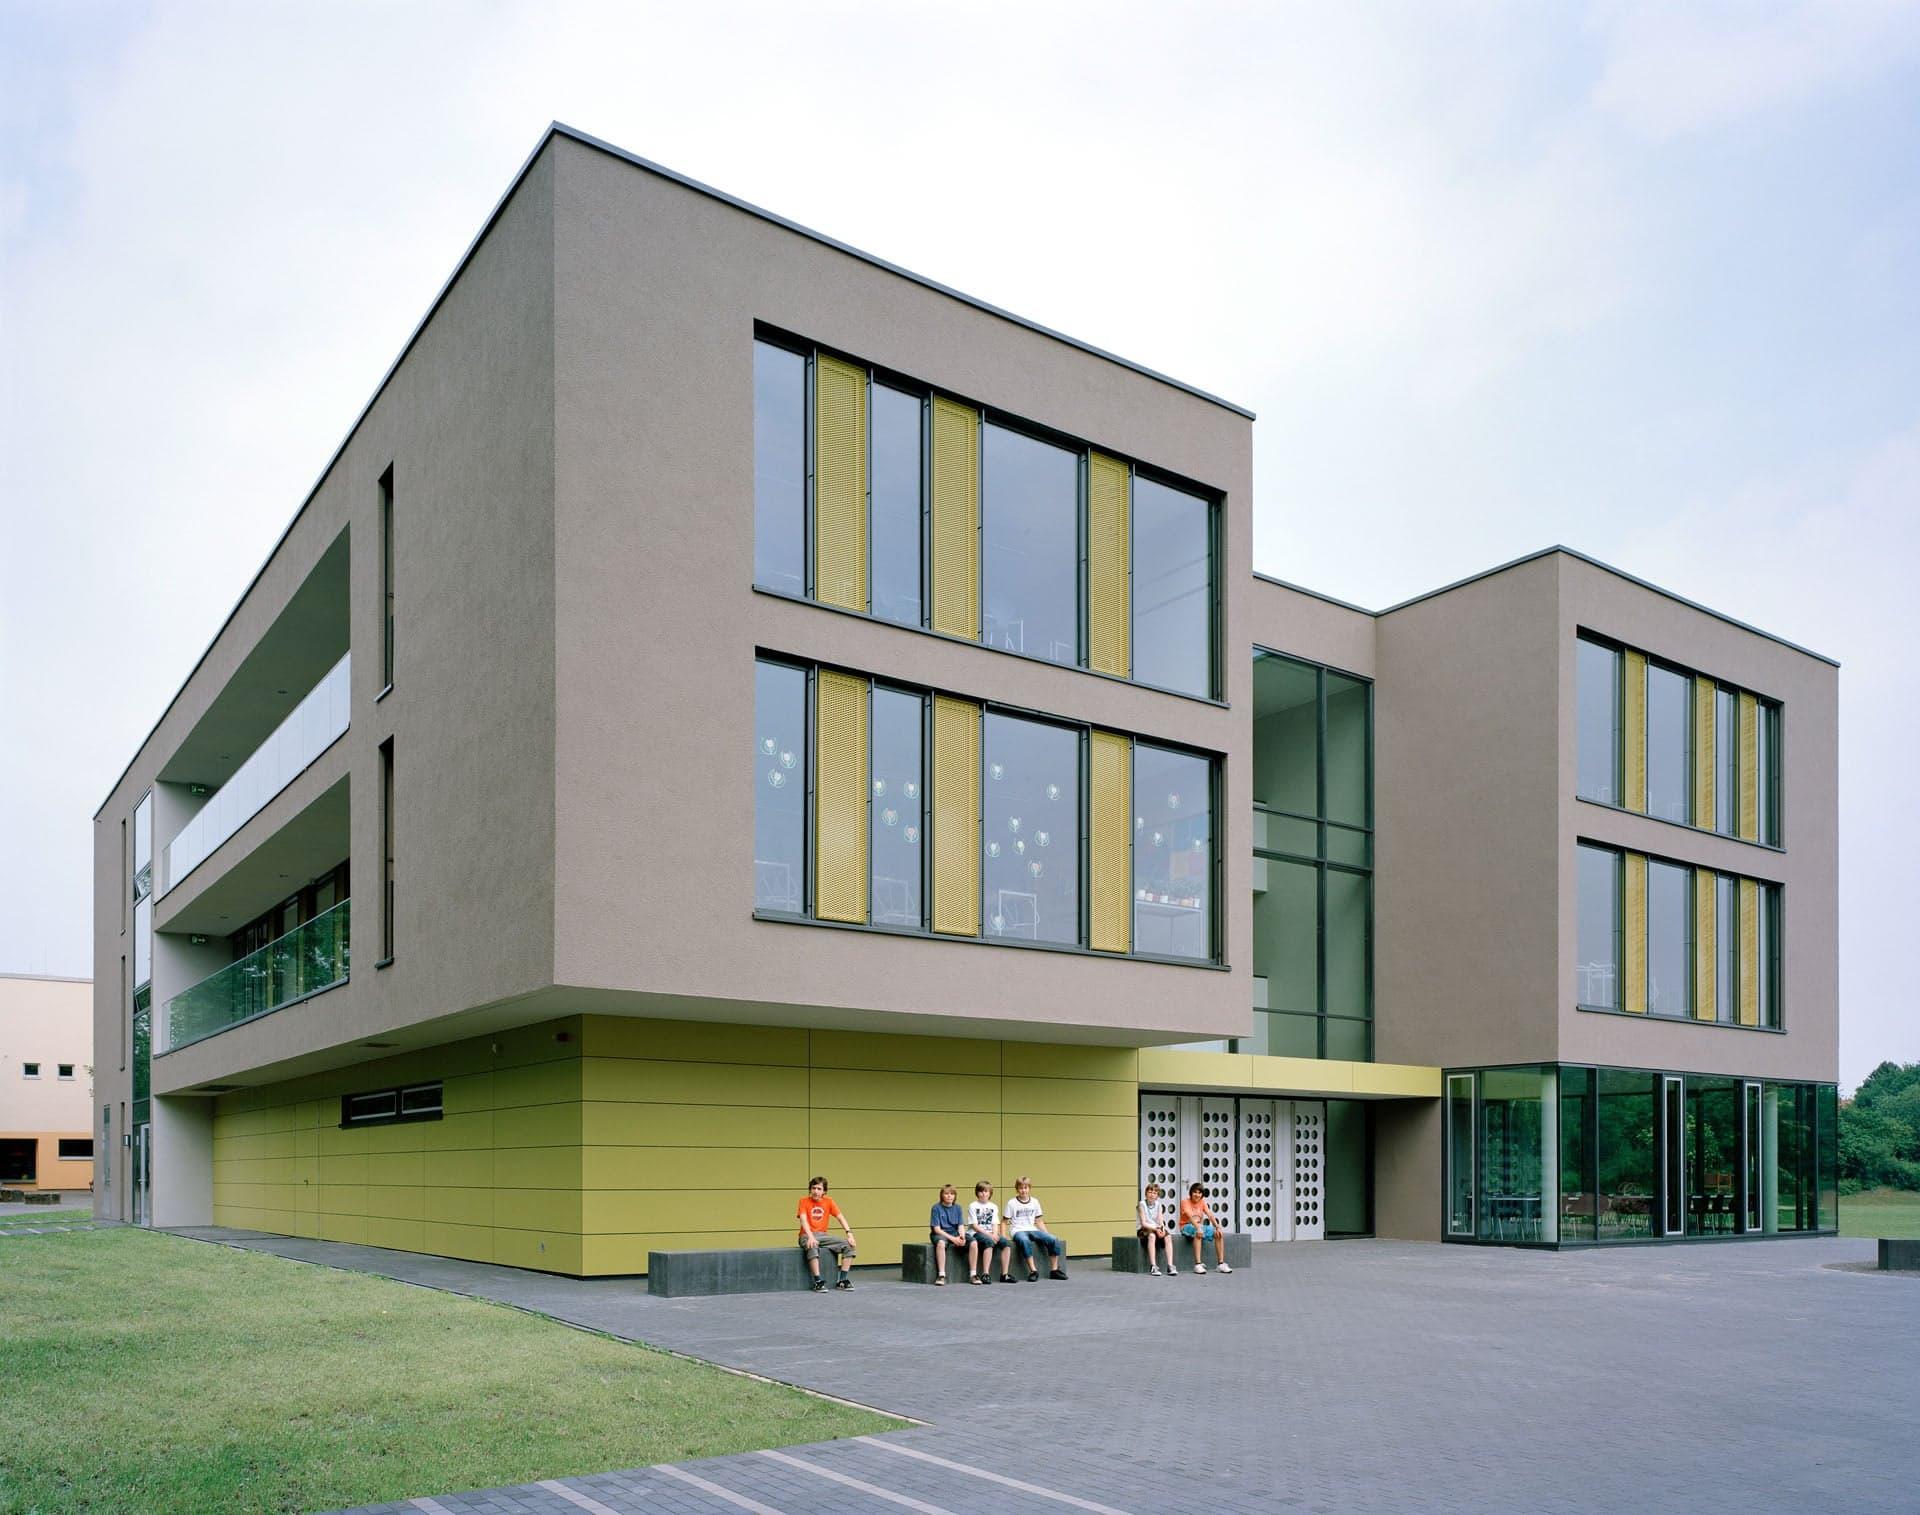 Schulzentrum heepen bhp architekten generalplaner gmbh br chner h ttemann pasch in bielefeld - Bhp architekten ...